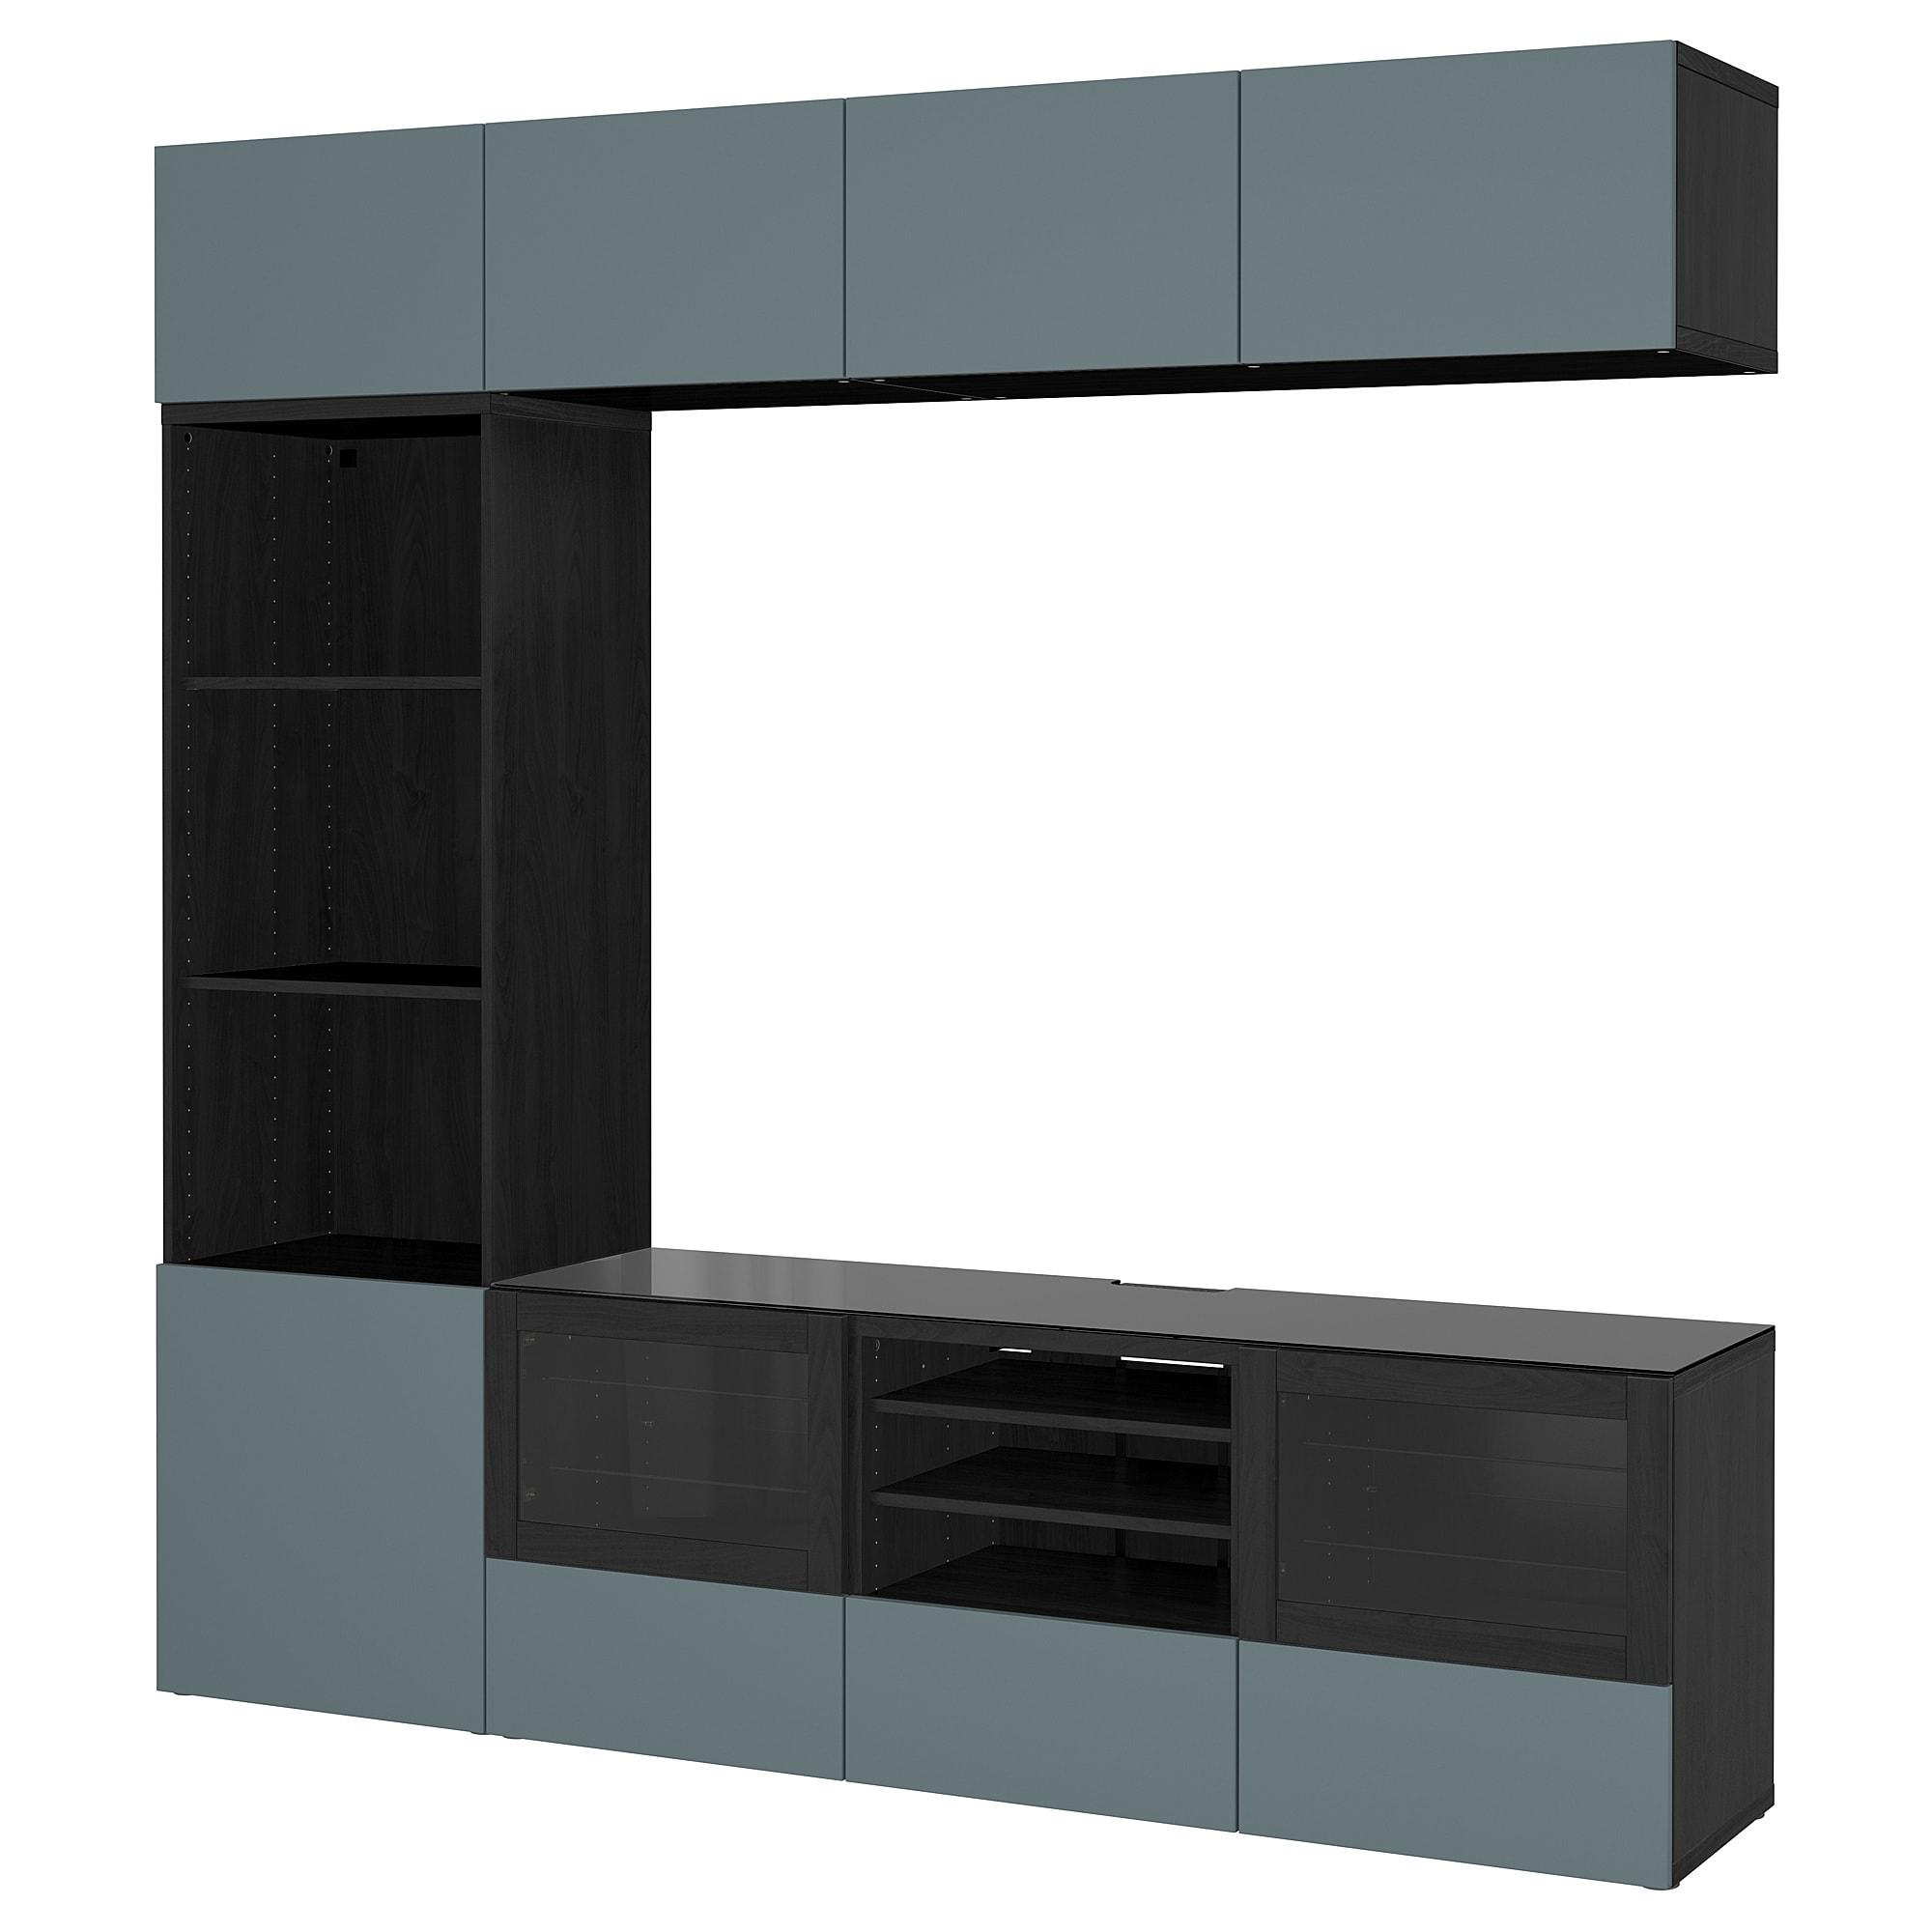 Шкаф для ТВ, комбинированный, стекляные дверцы БЕСТО артикуль № 692.462.45 в наличии. Online каталог IKEA РБ. Недорогая доставка и установка.